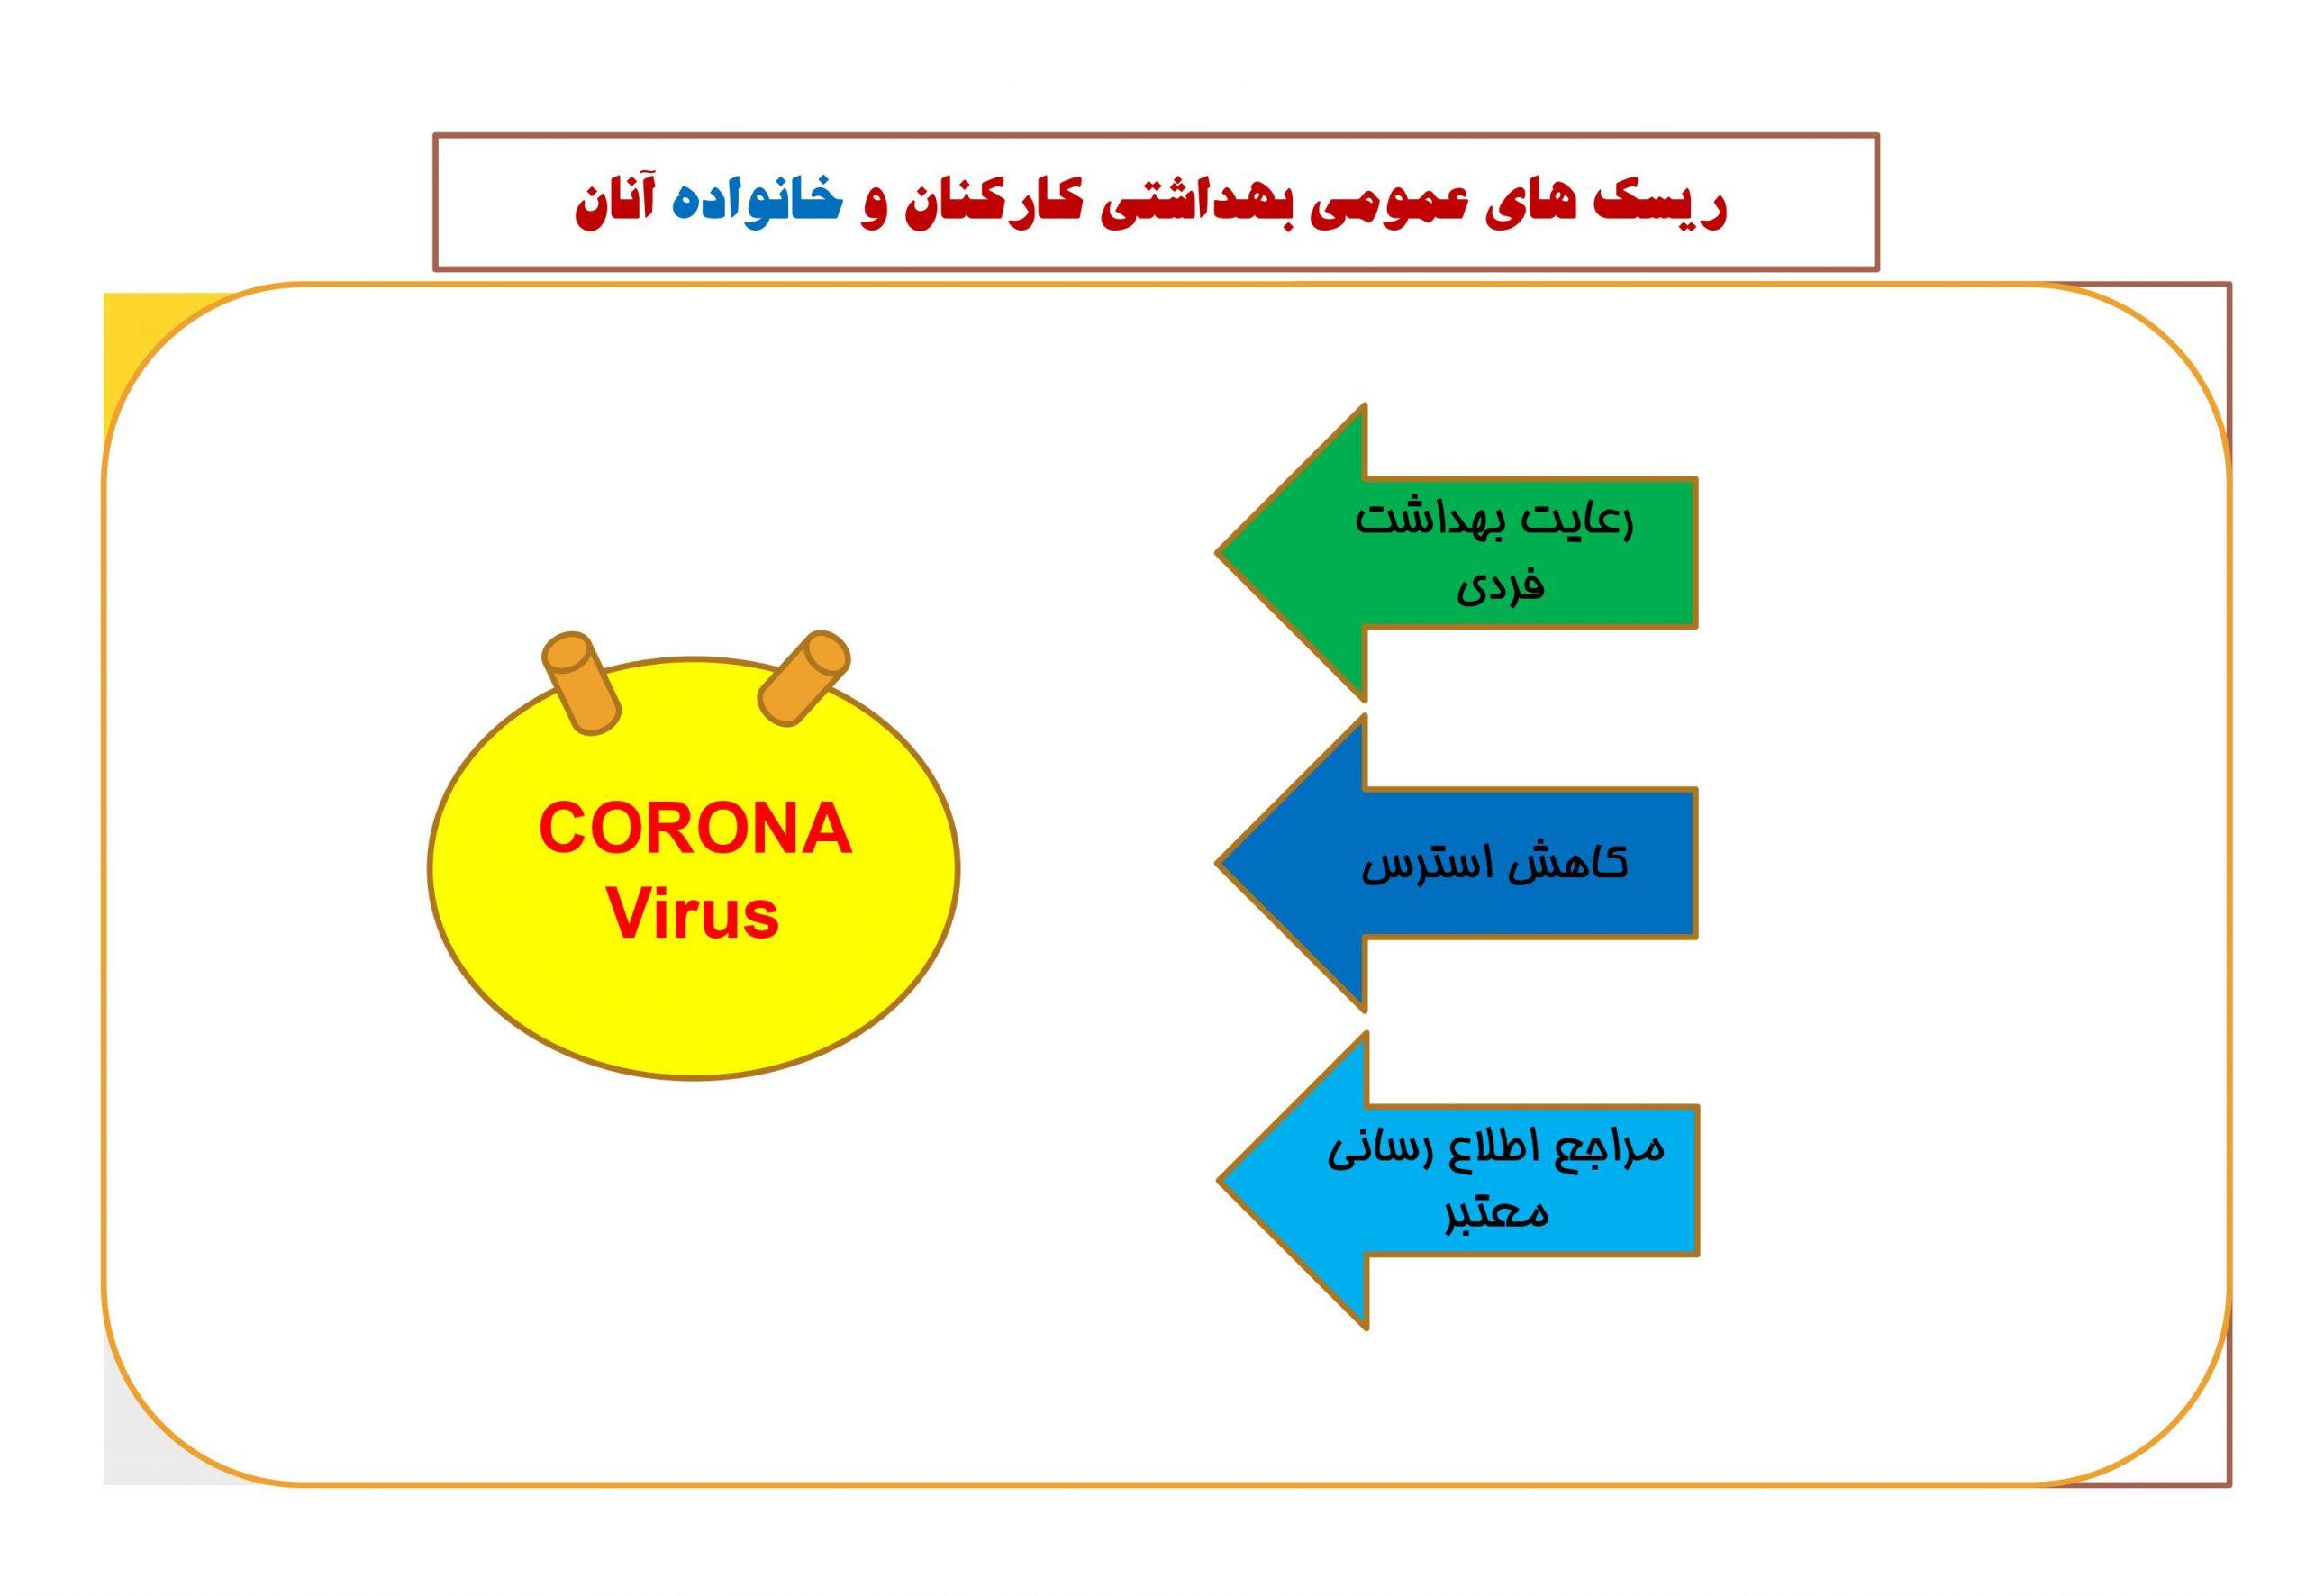 پروتکل کرونا ویروس